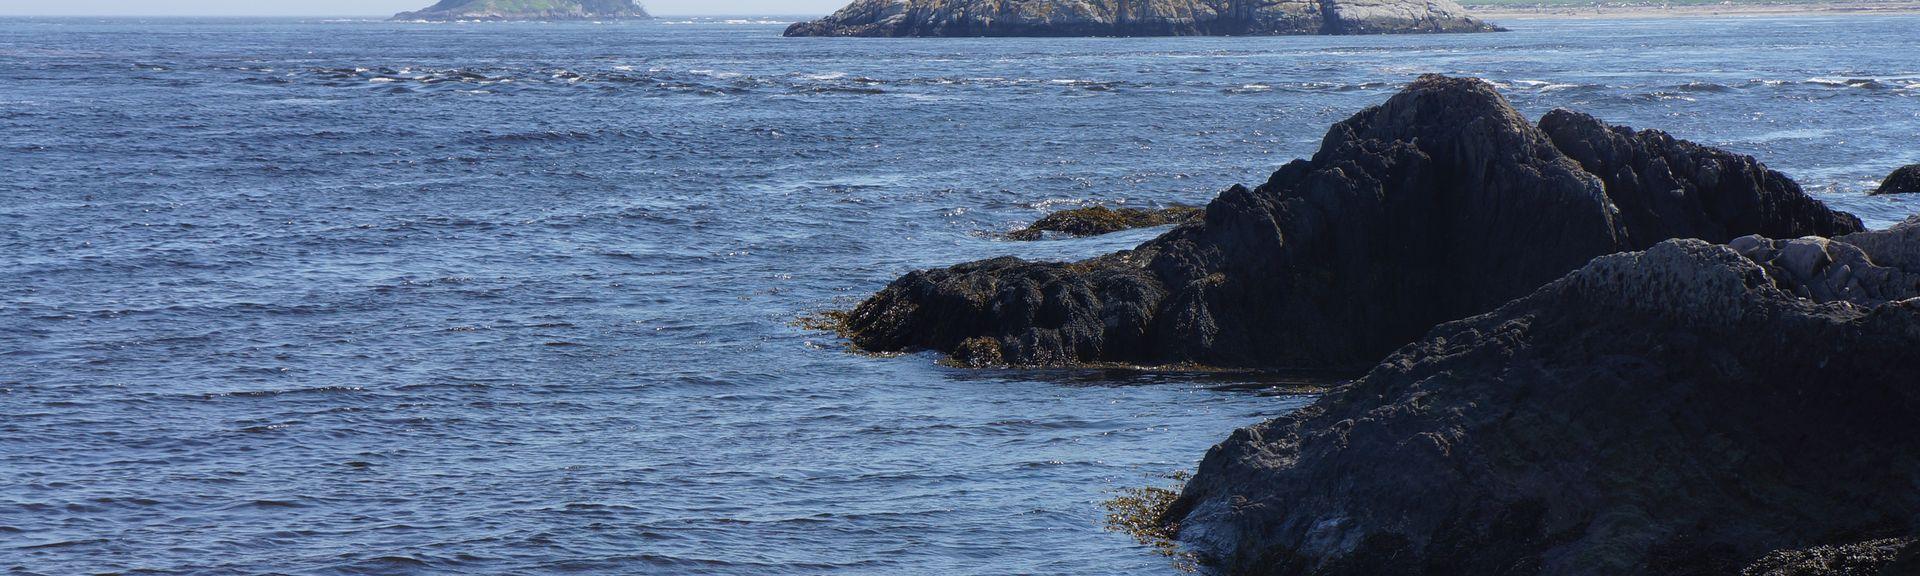 Linekin Bay, ME, USA